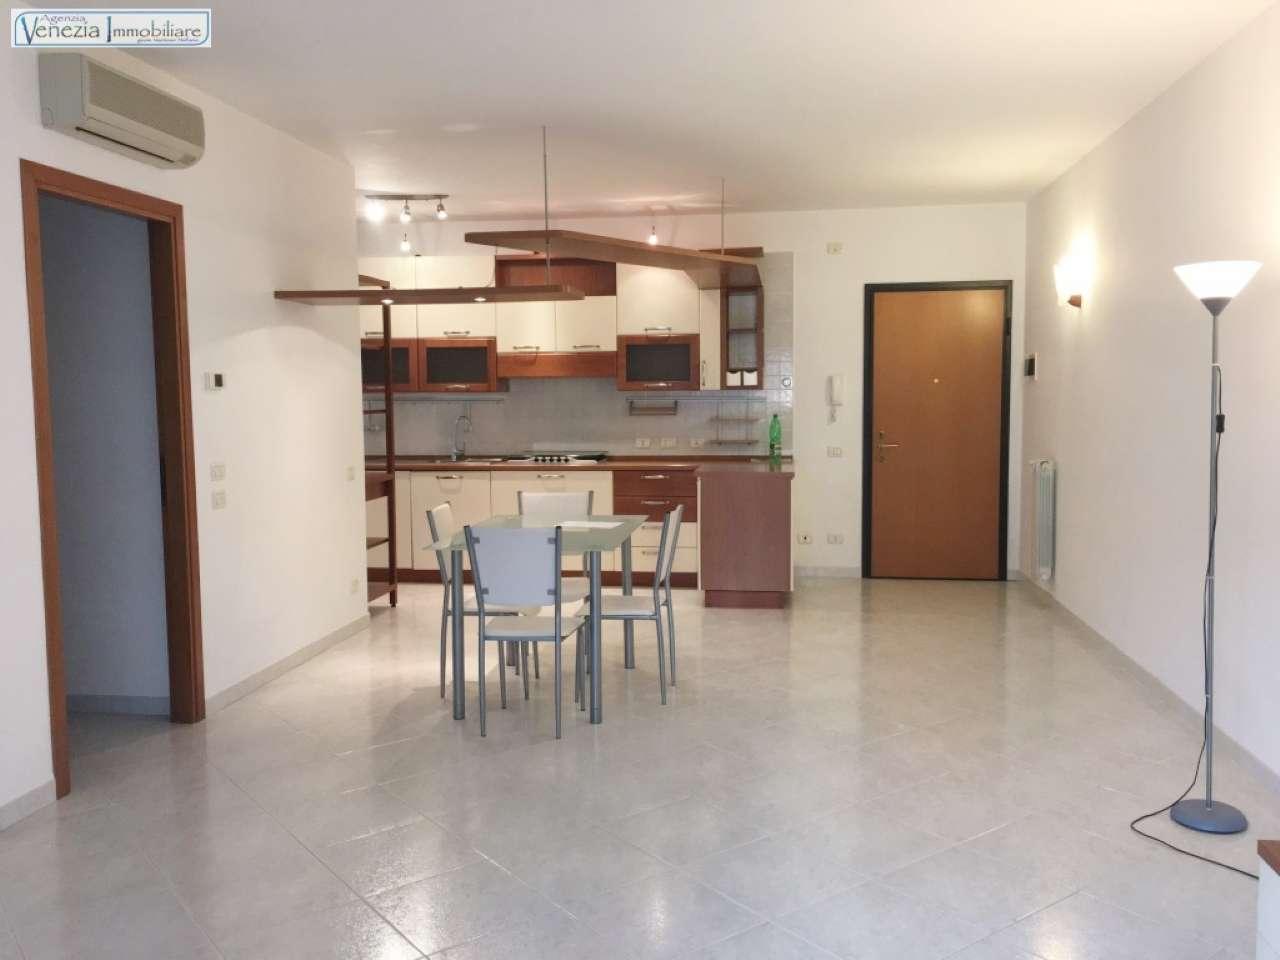 Appartamento in vendita a Chioggia, 2 locali, Trattative riservate | CambioCasa.it